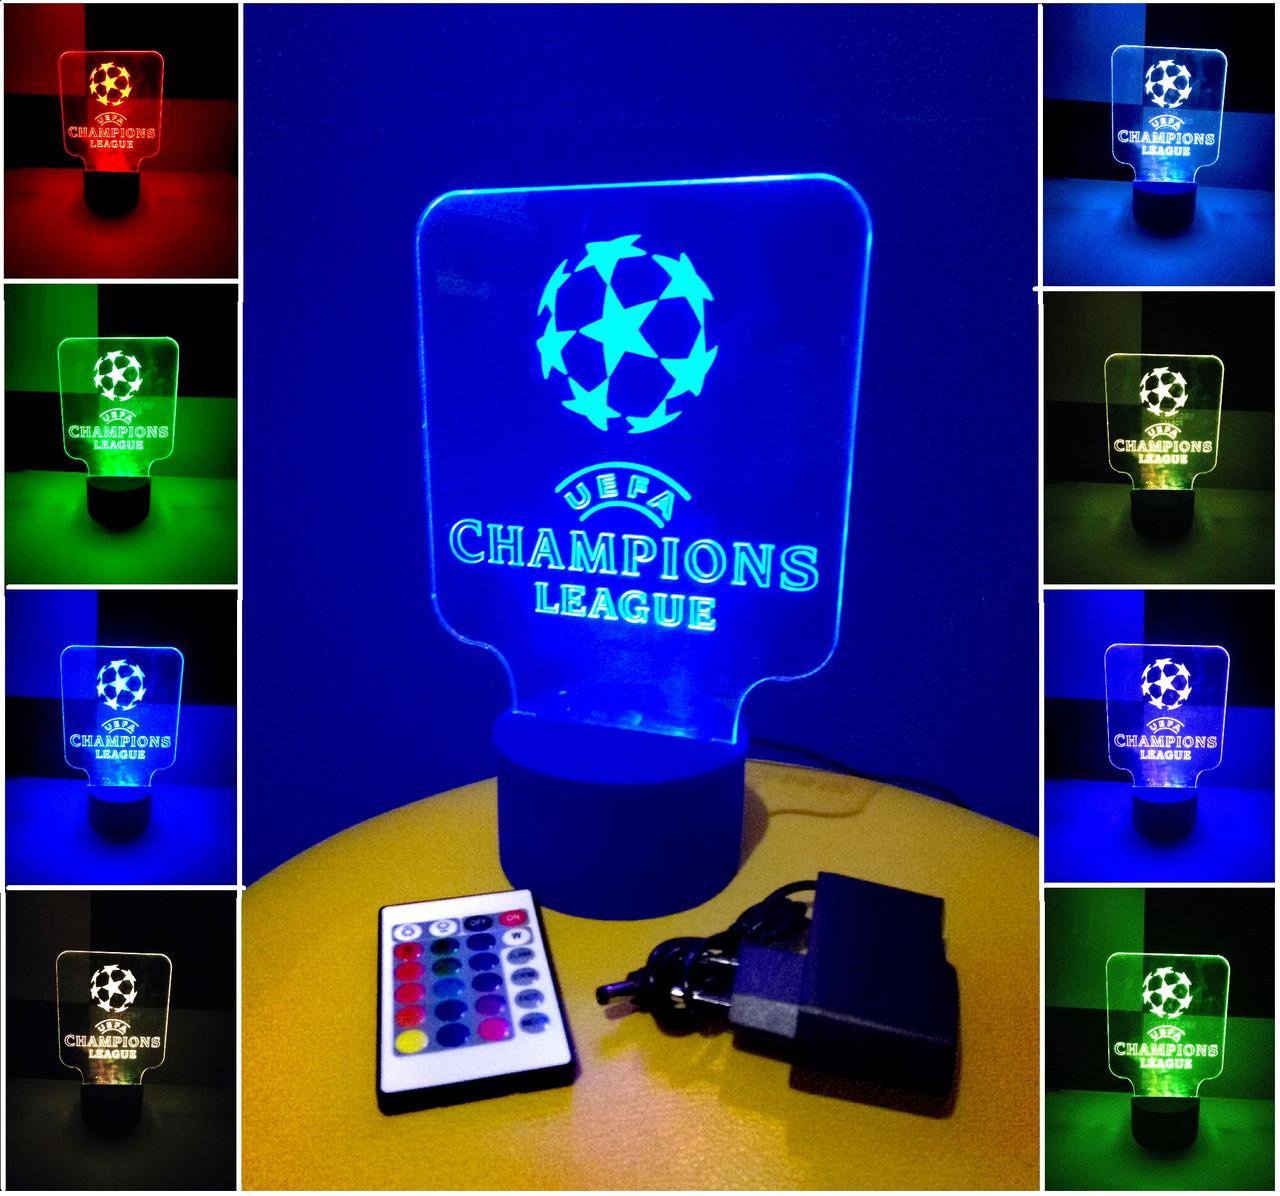 3d-светильник Лига Чемпионов (лого), 3д-ночник, несколько подсветок (на пульте), подарок для футболиста